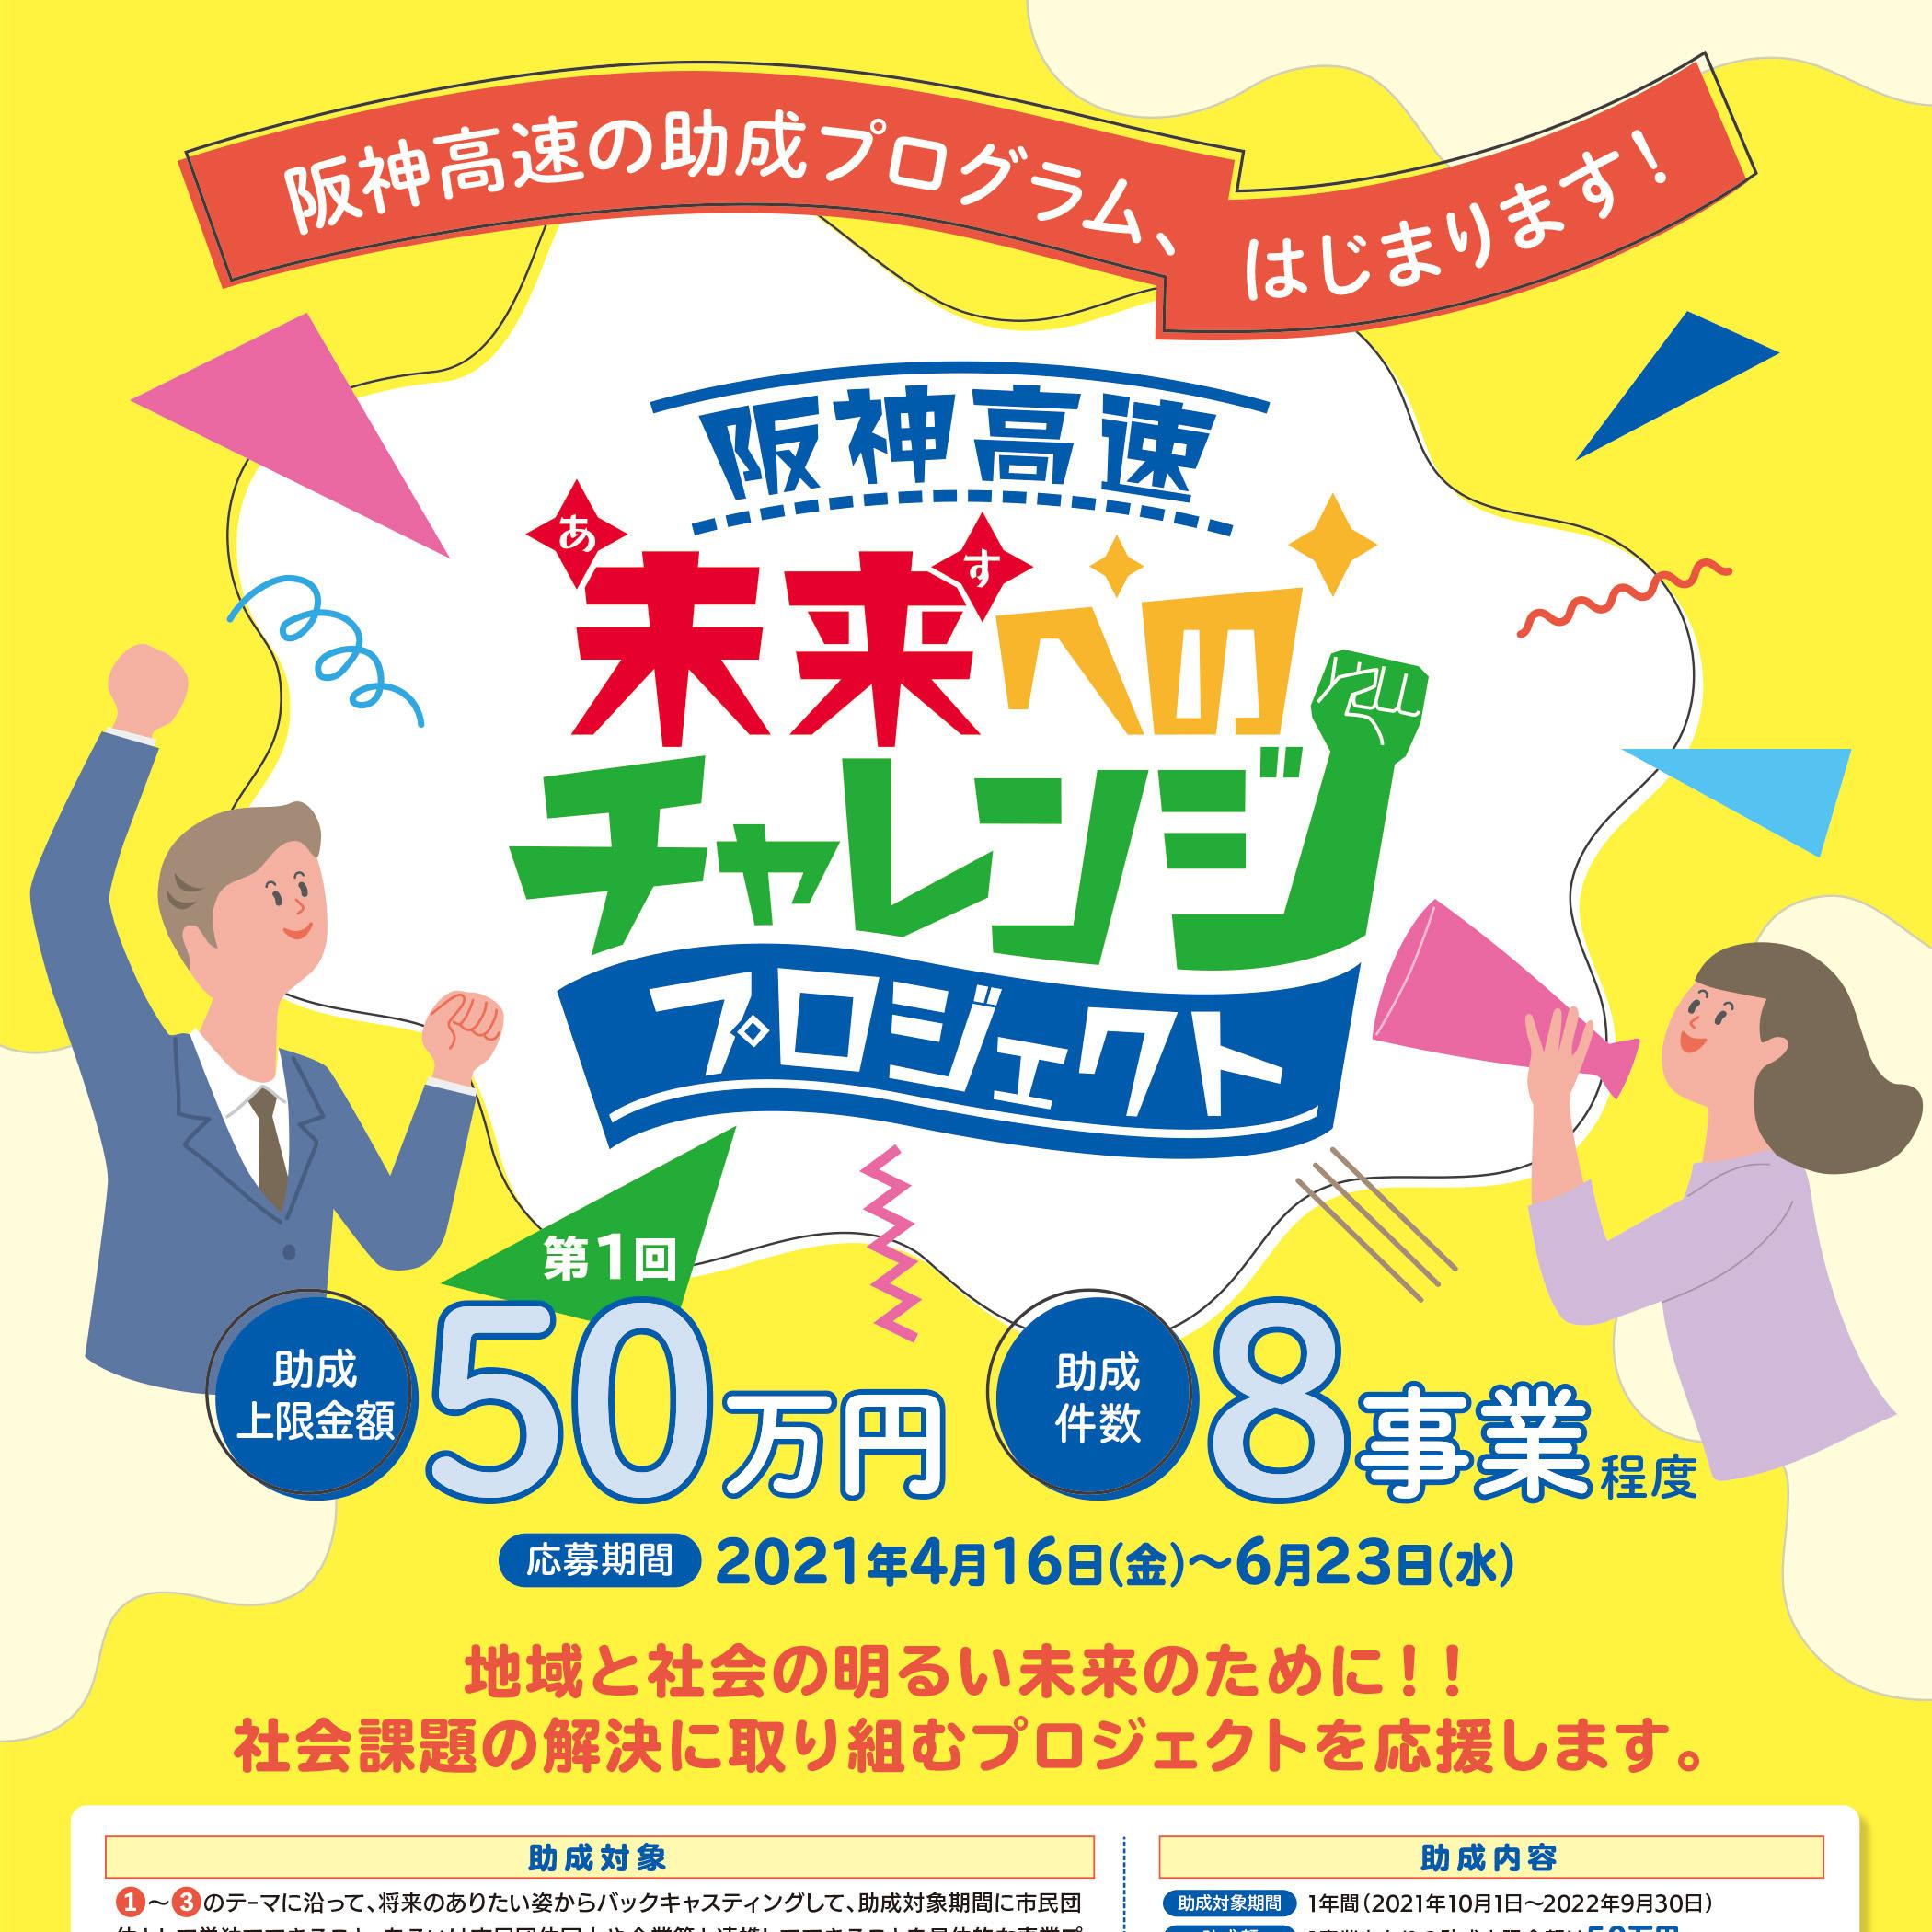 阪神高速 未来へのチャレンジプロジェクト|2021.4.16〜6.23(大阪府・兵庫県)